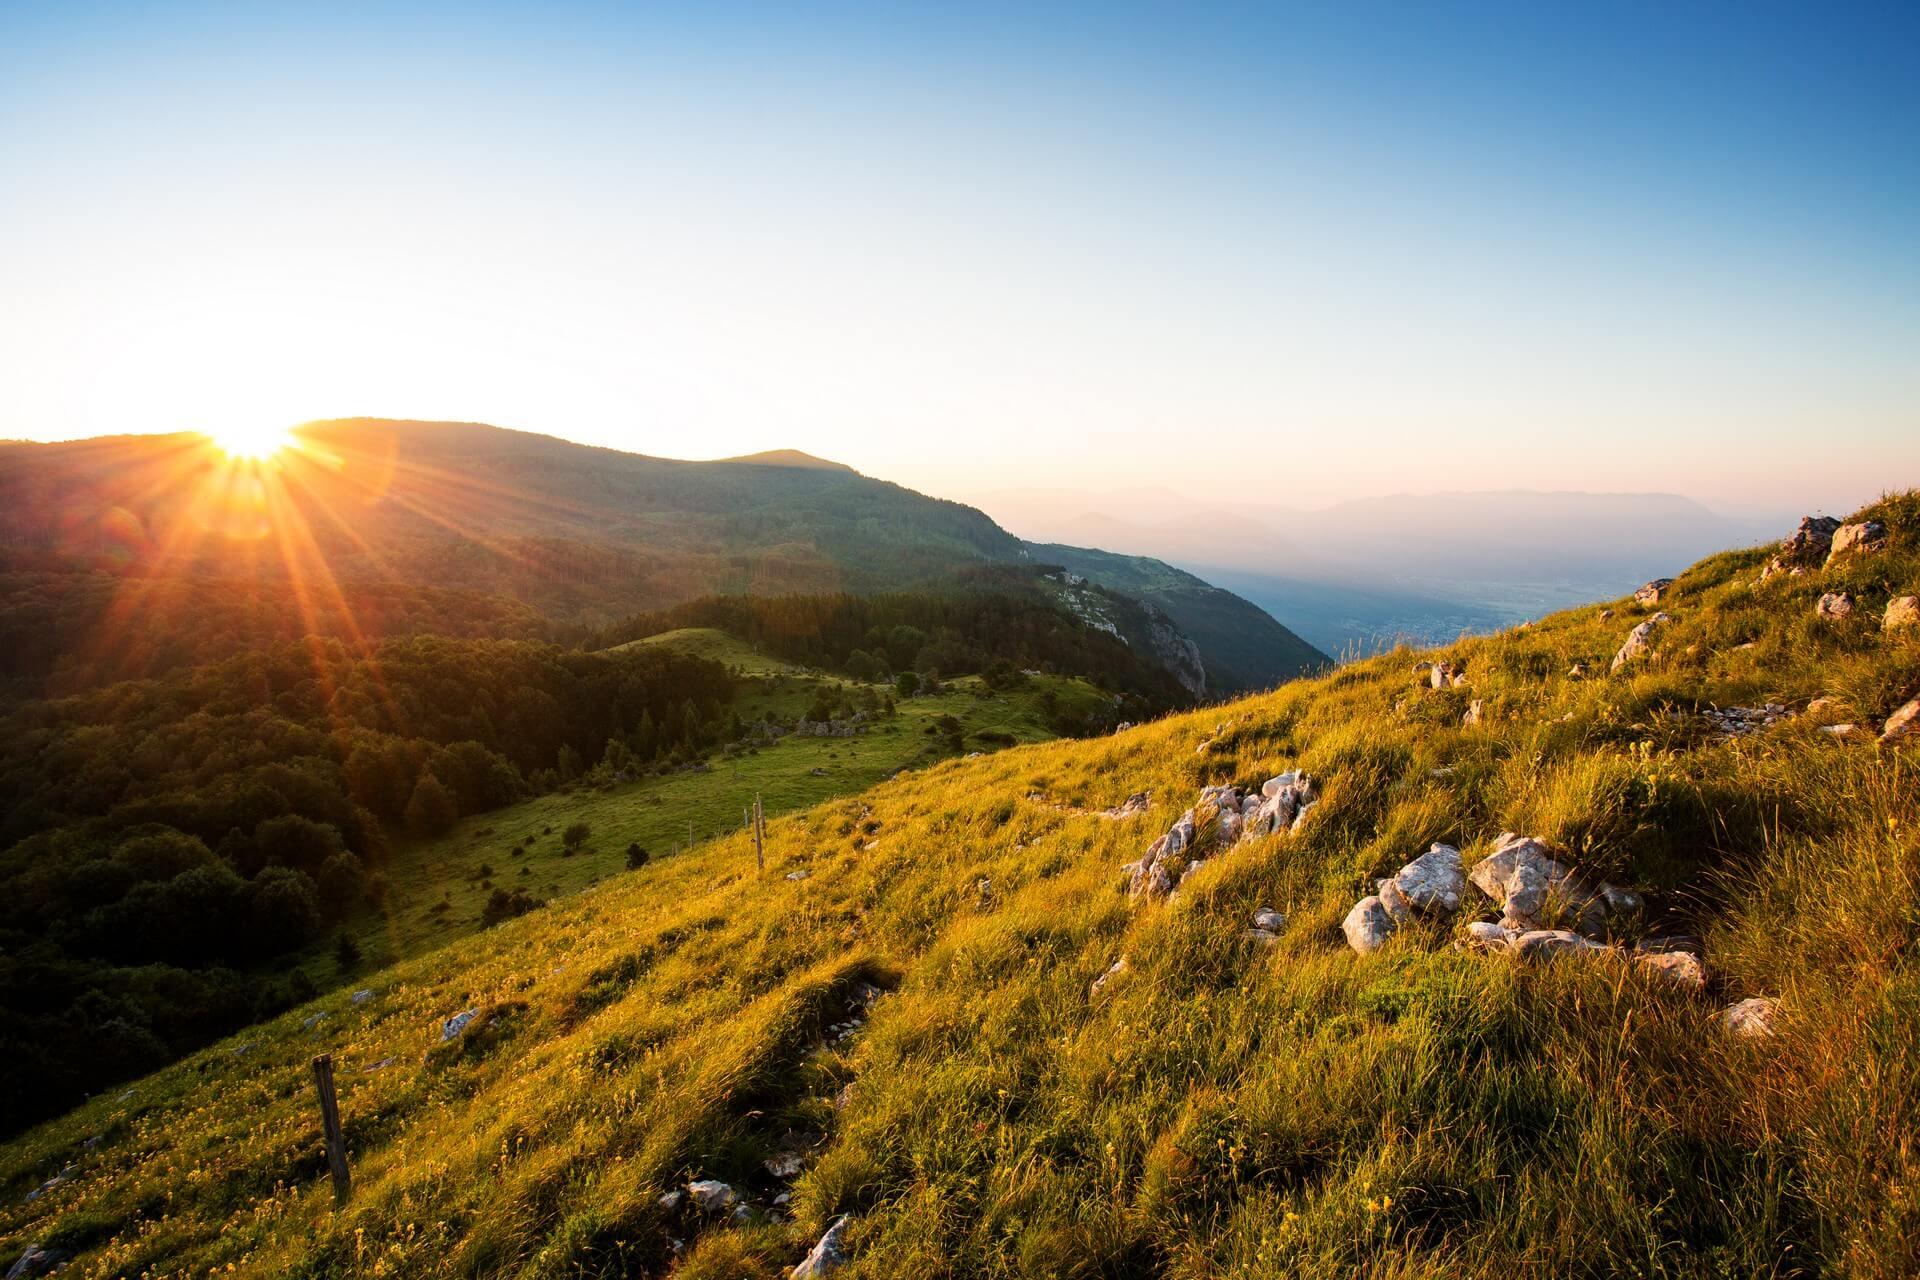 V primorske hribe: Čaven in Kucelj nad Vipavsko dolino